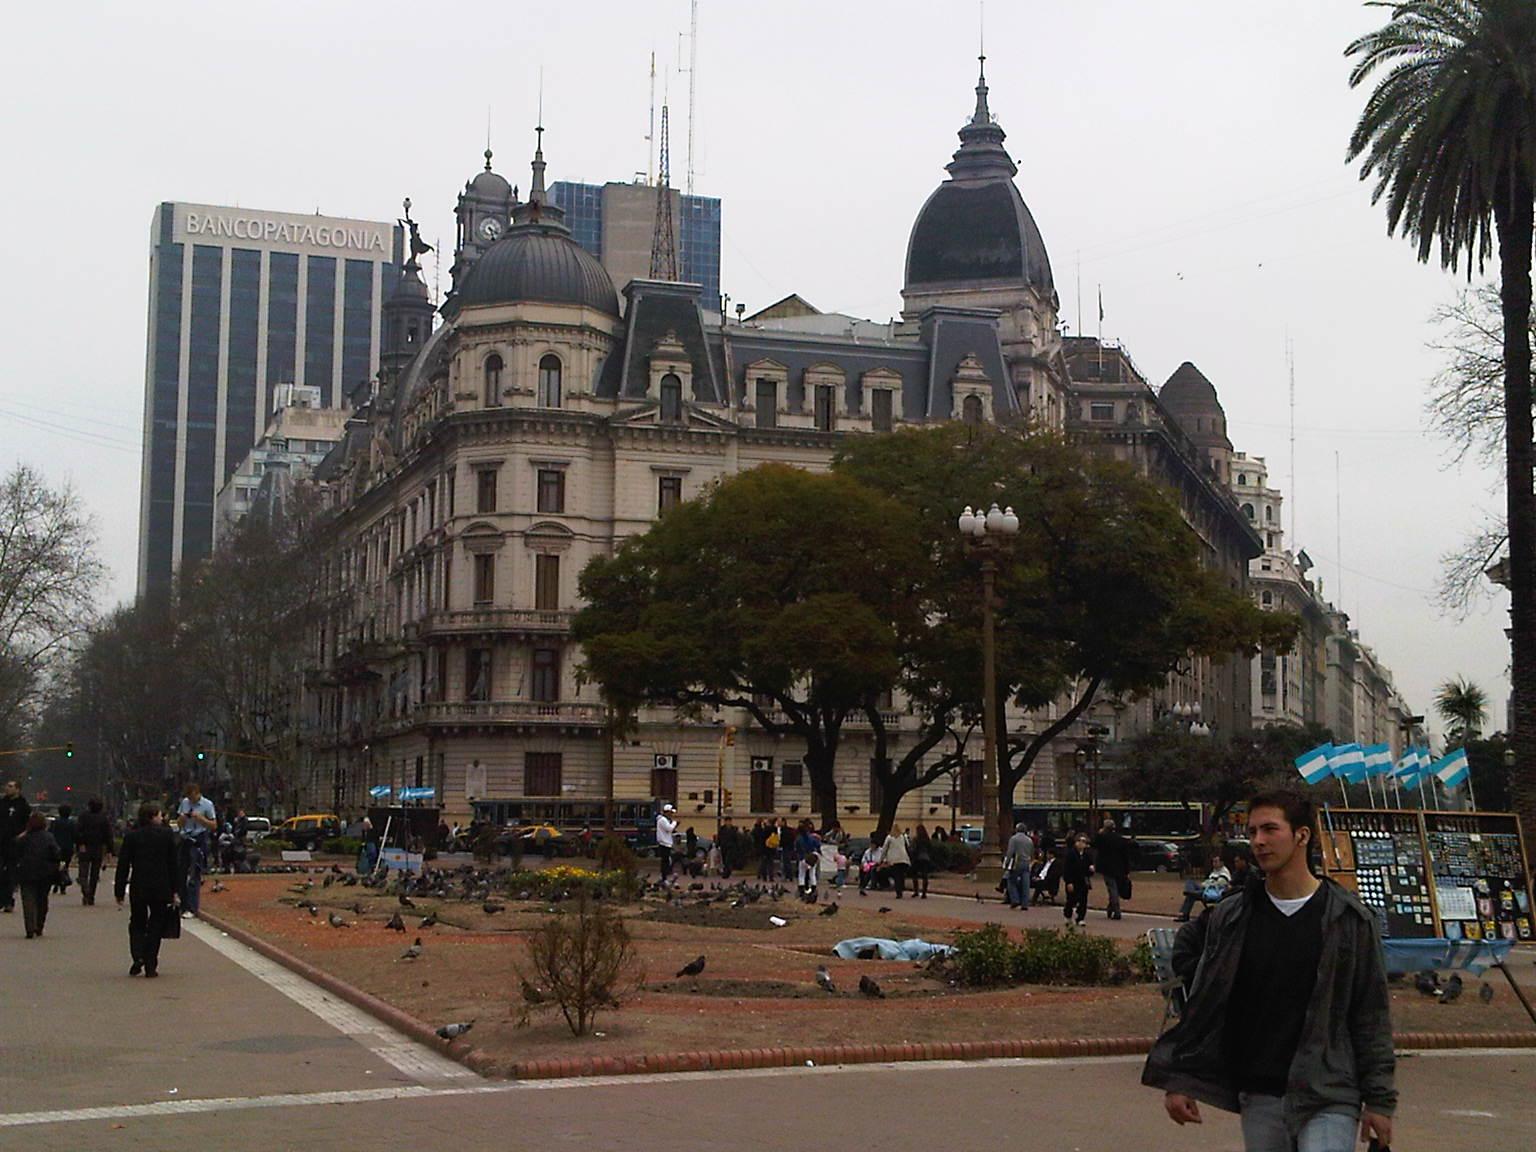 Casco histórico de Buenos Aires, Argentina